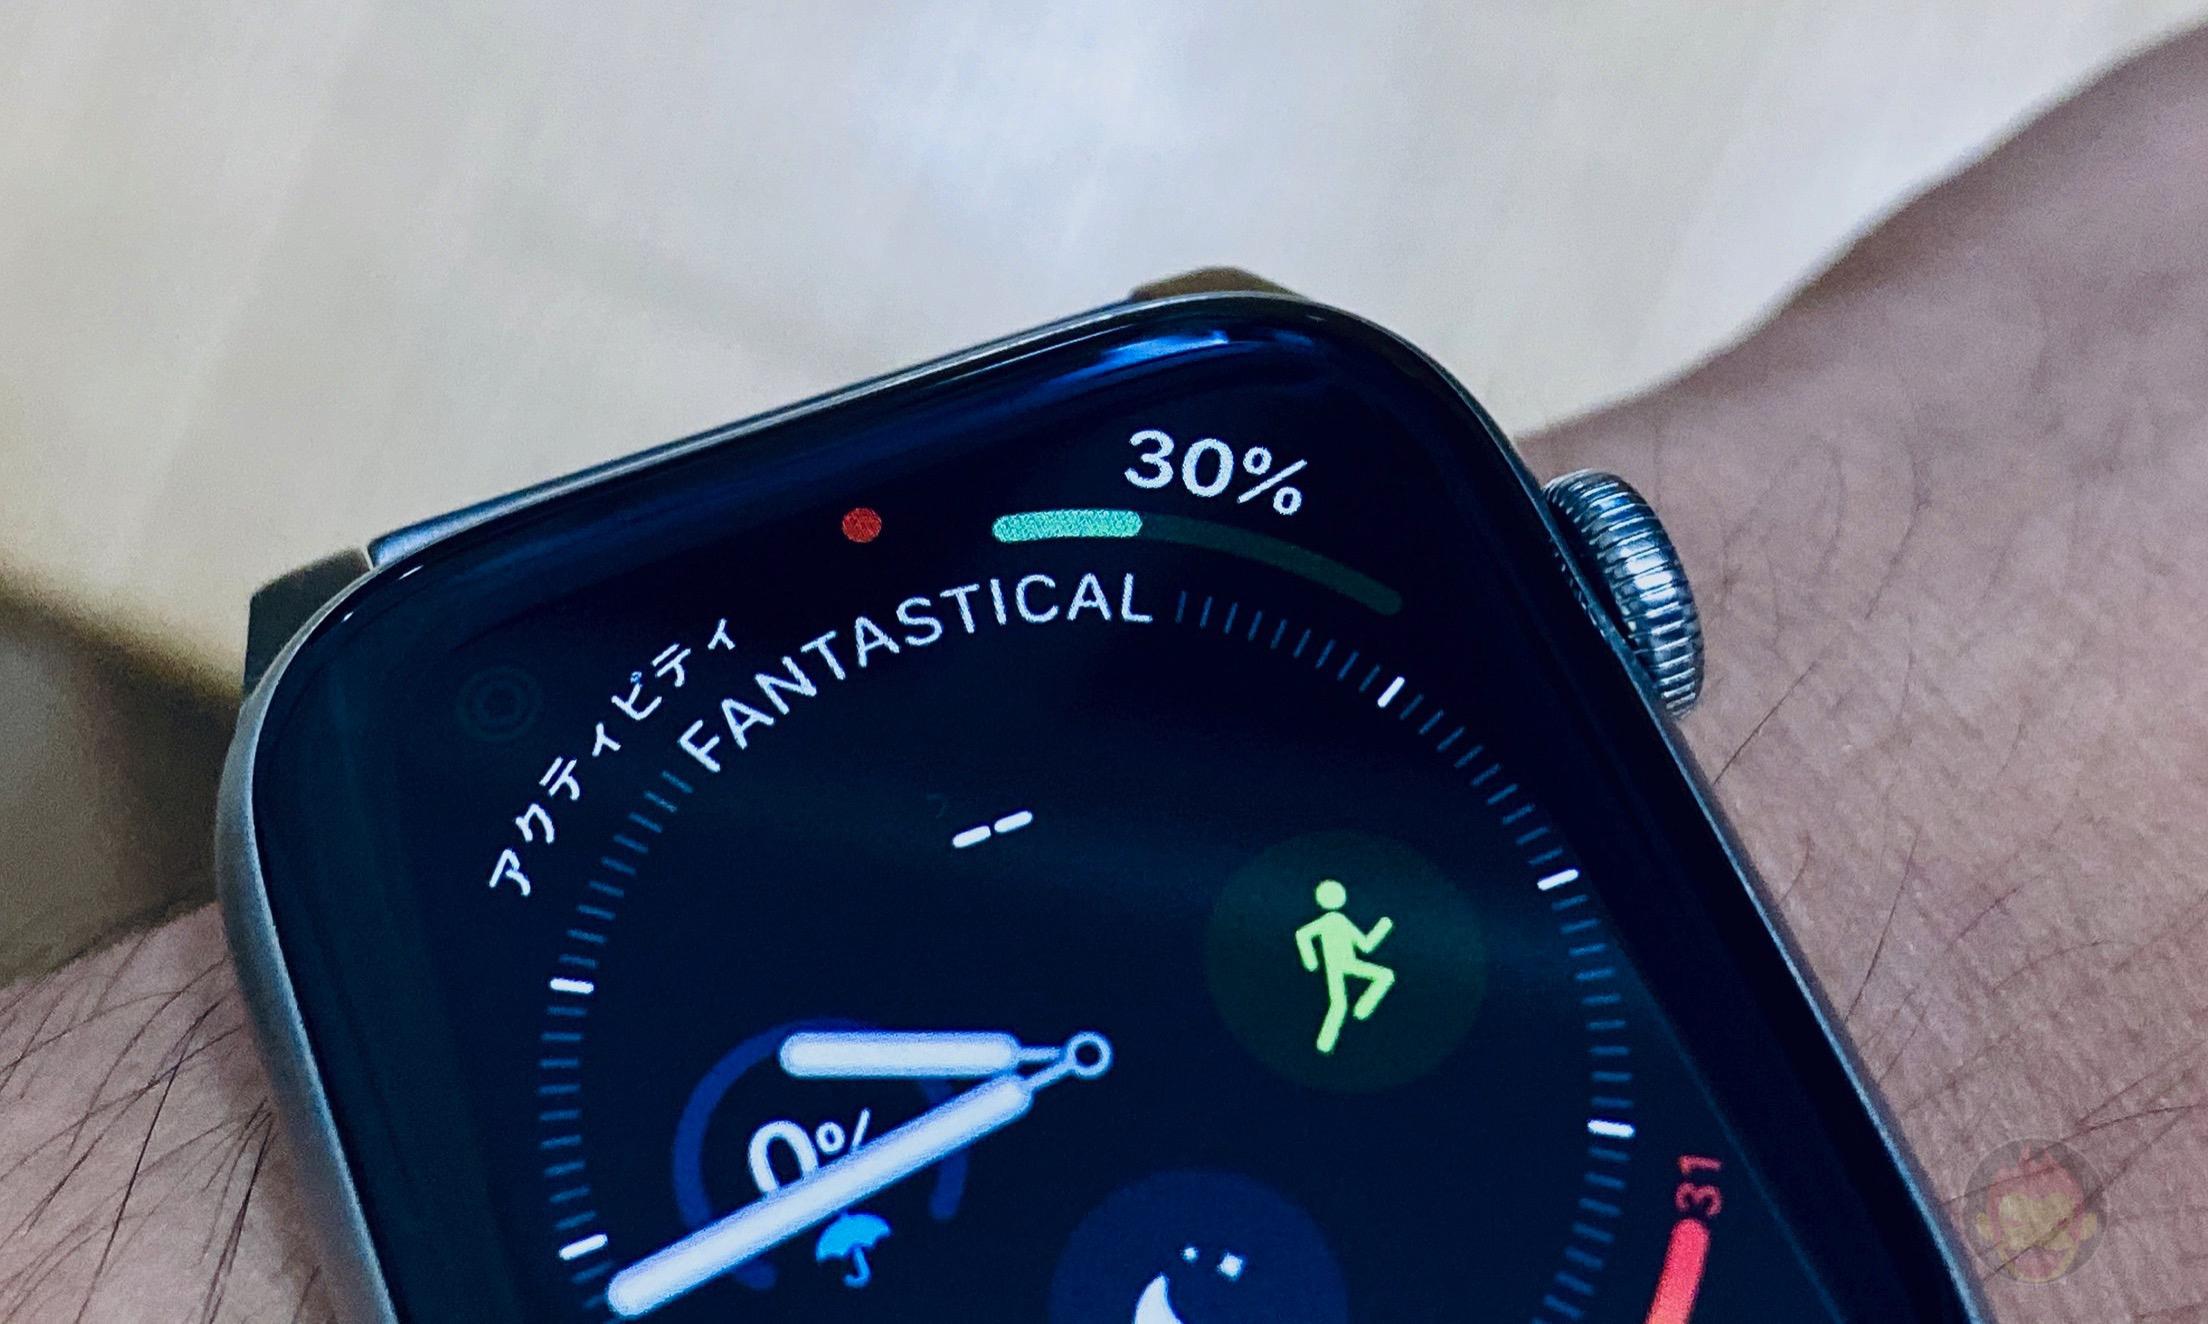 Apple Watch Series 5 Always on Display 02